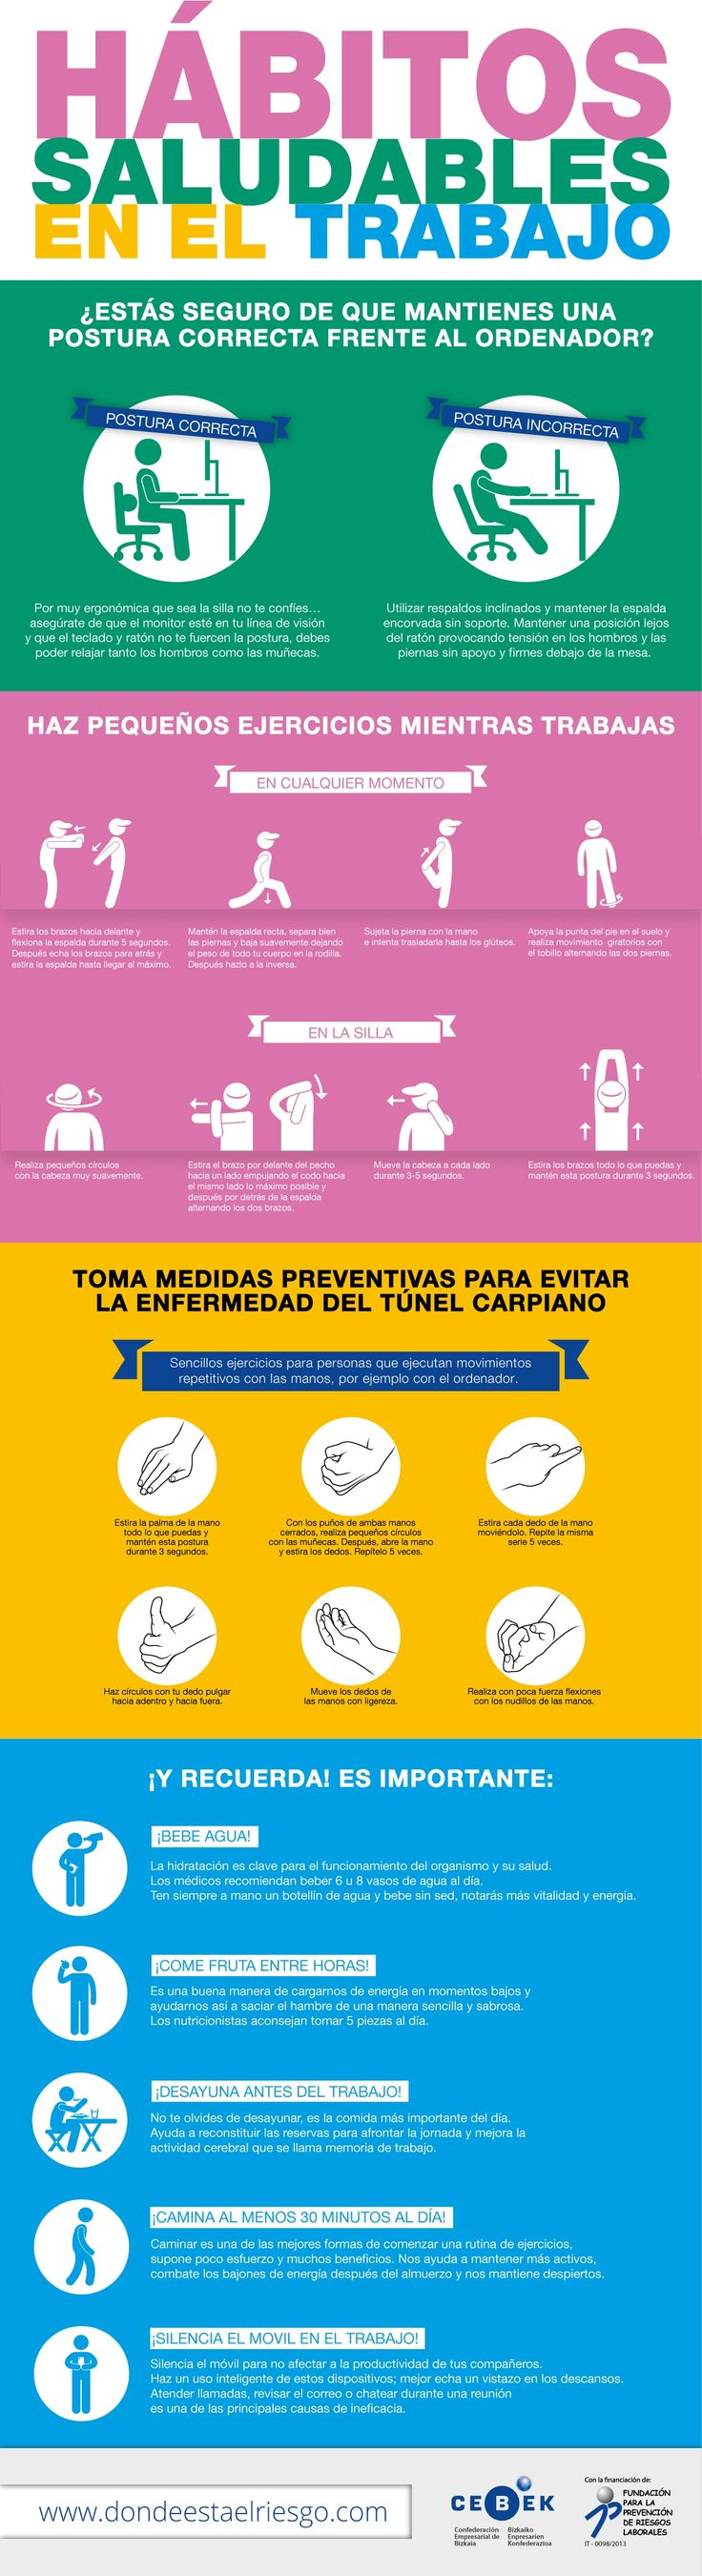 #Infografia Hábitos saludables en el trabajo